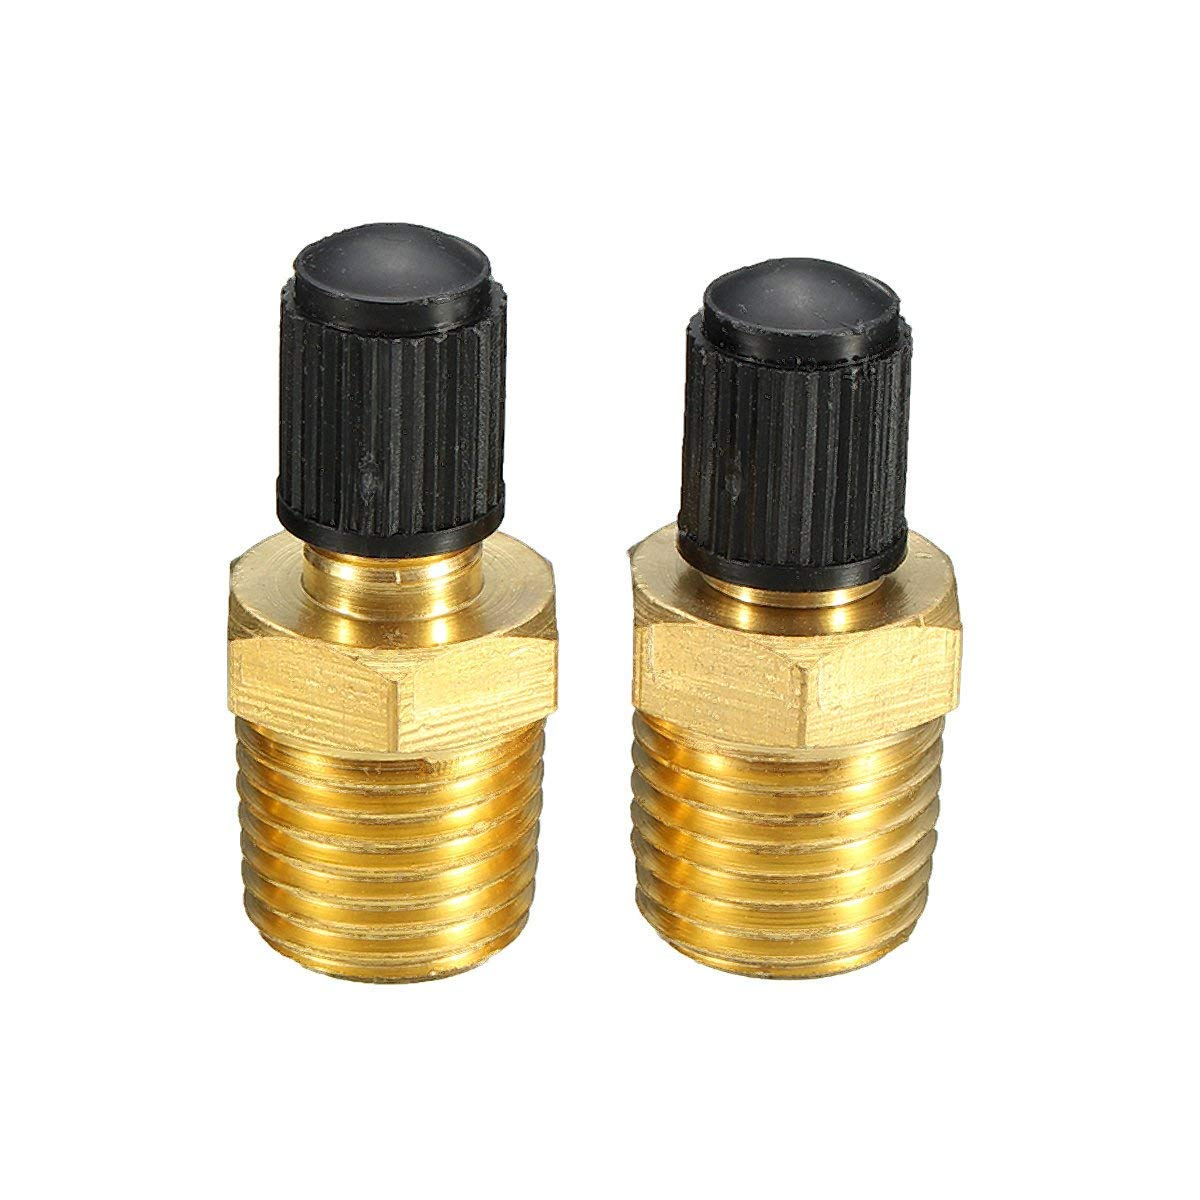 verzinkt zur Elementekopplung 4.8x80 Bohrschraube Senkkopf PH2 200 ST